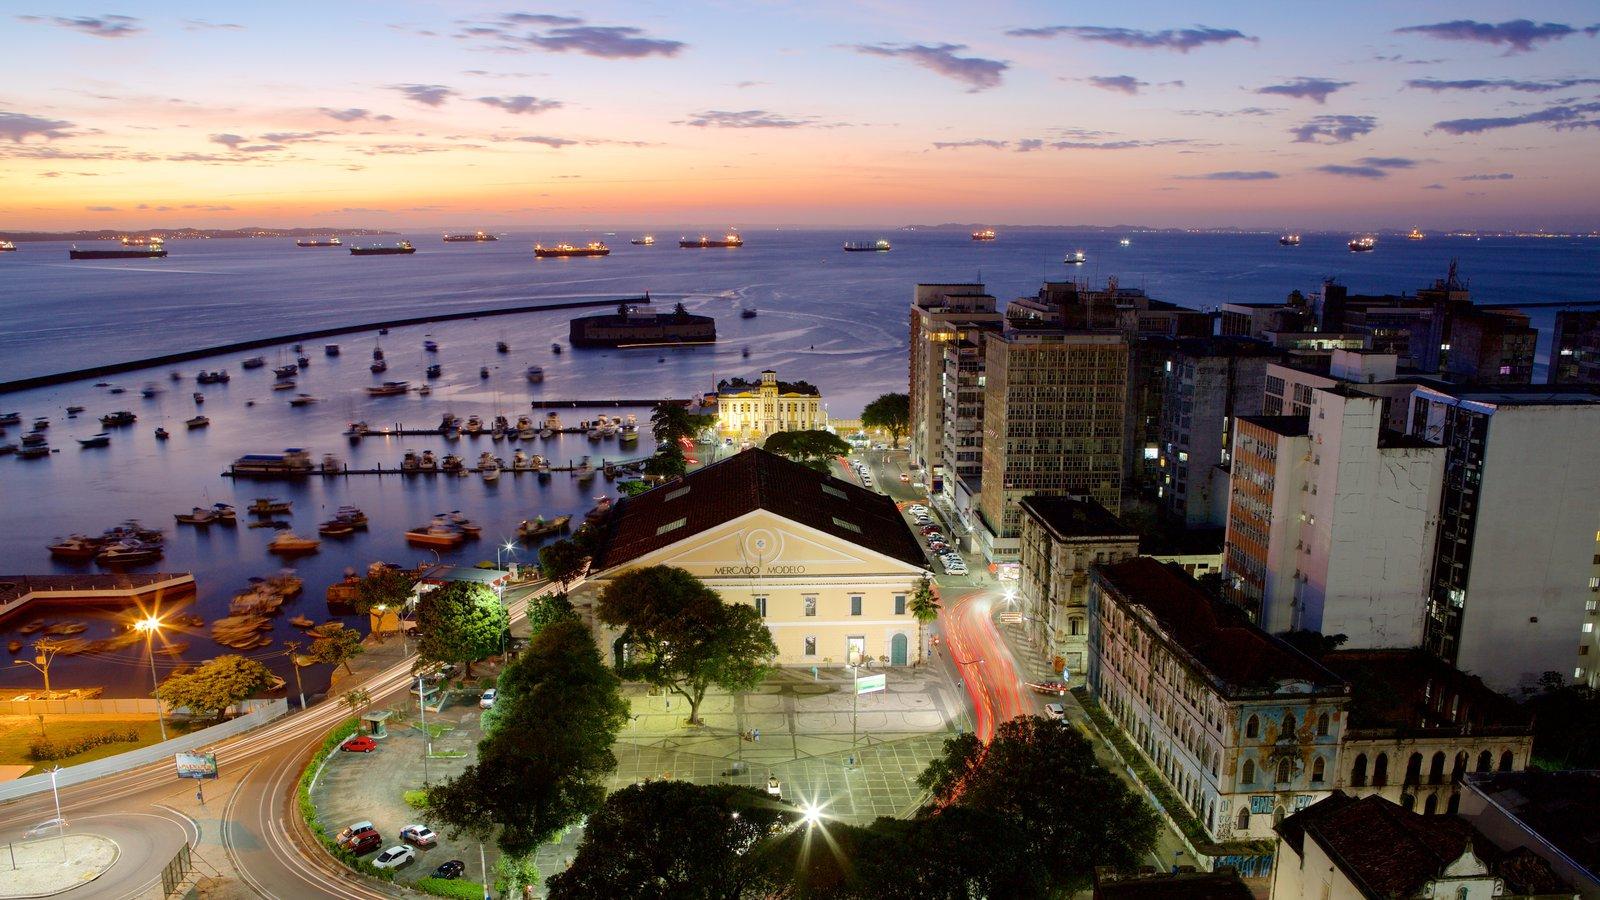 Salvador caracterizando um pôr do sol, paisagens litorâneas e uma cidade litorânea